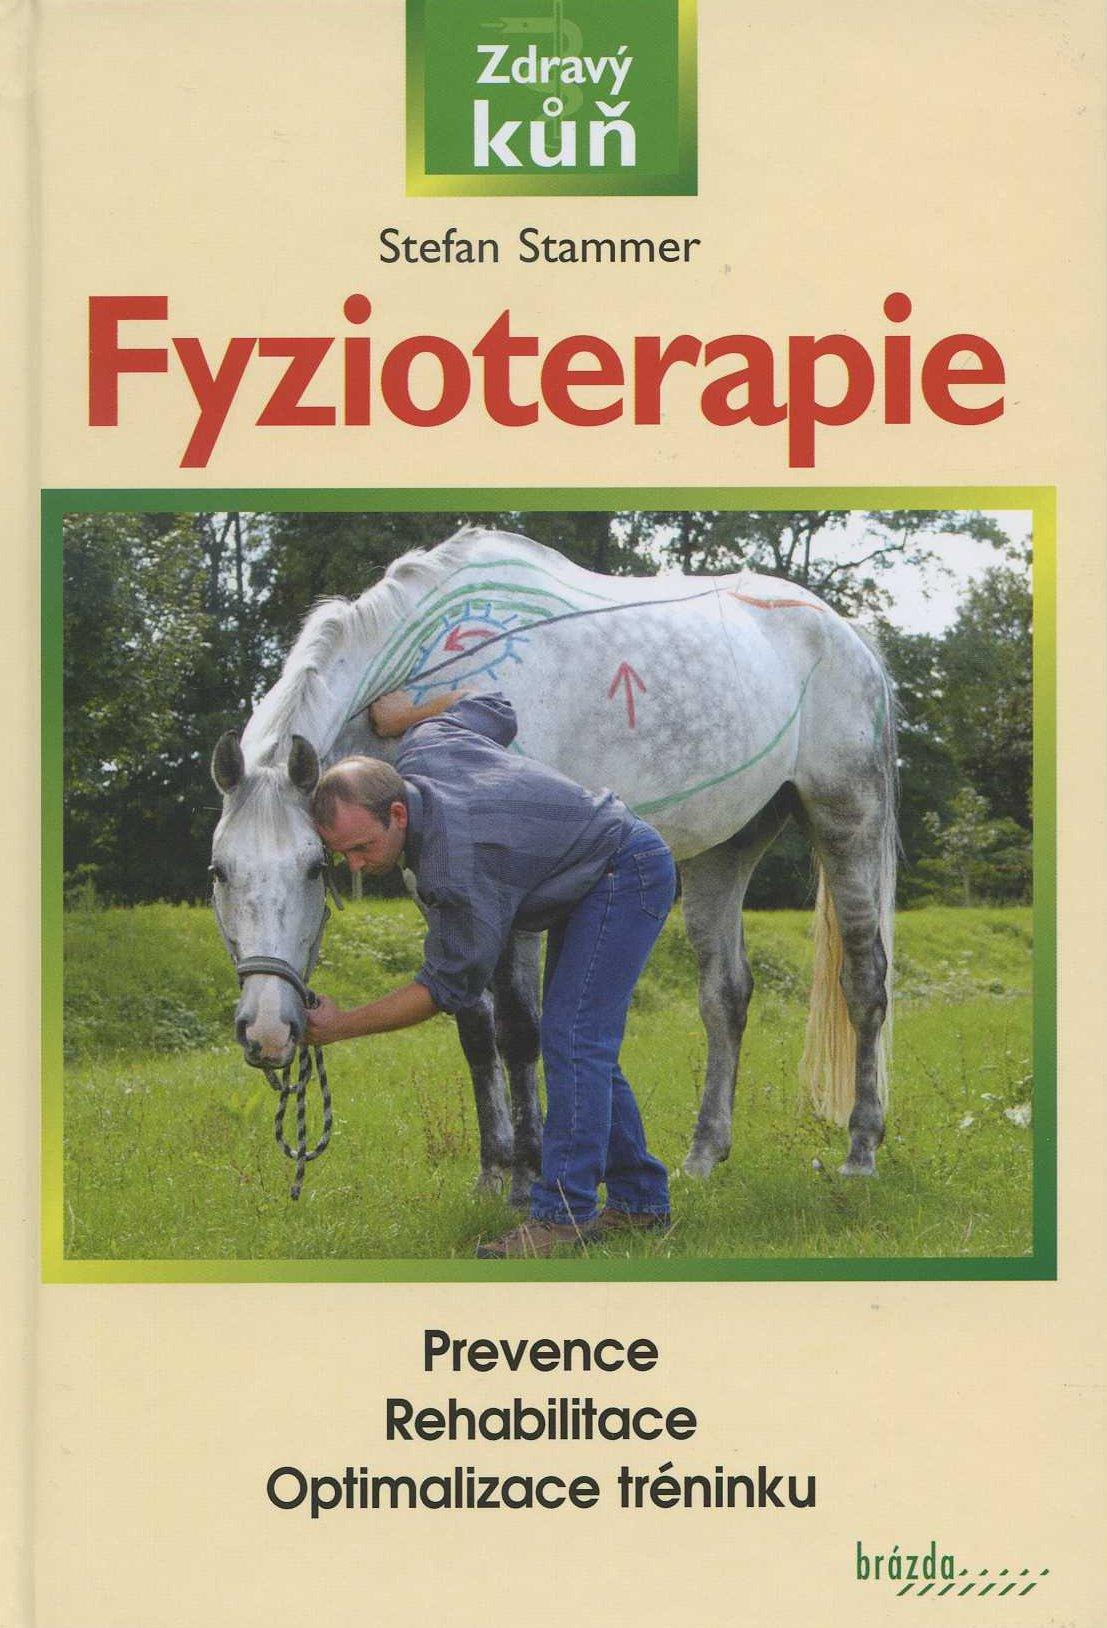 Fyzioterapie - Prevence/Rehabilitace/Optimalizace tréninku